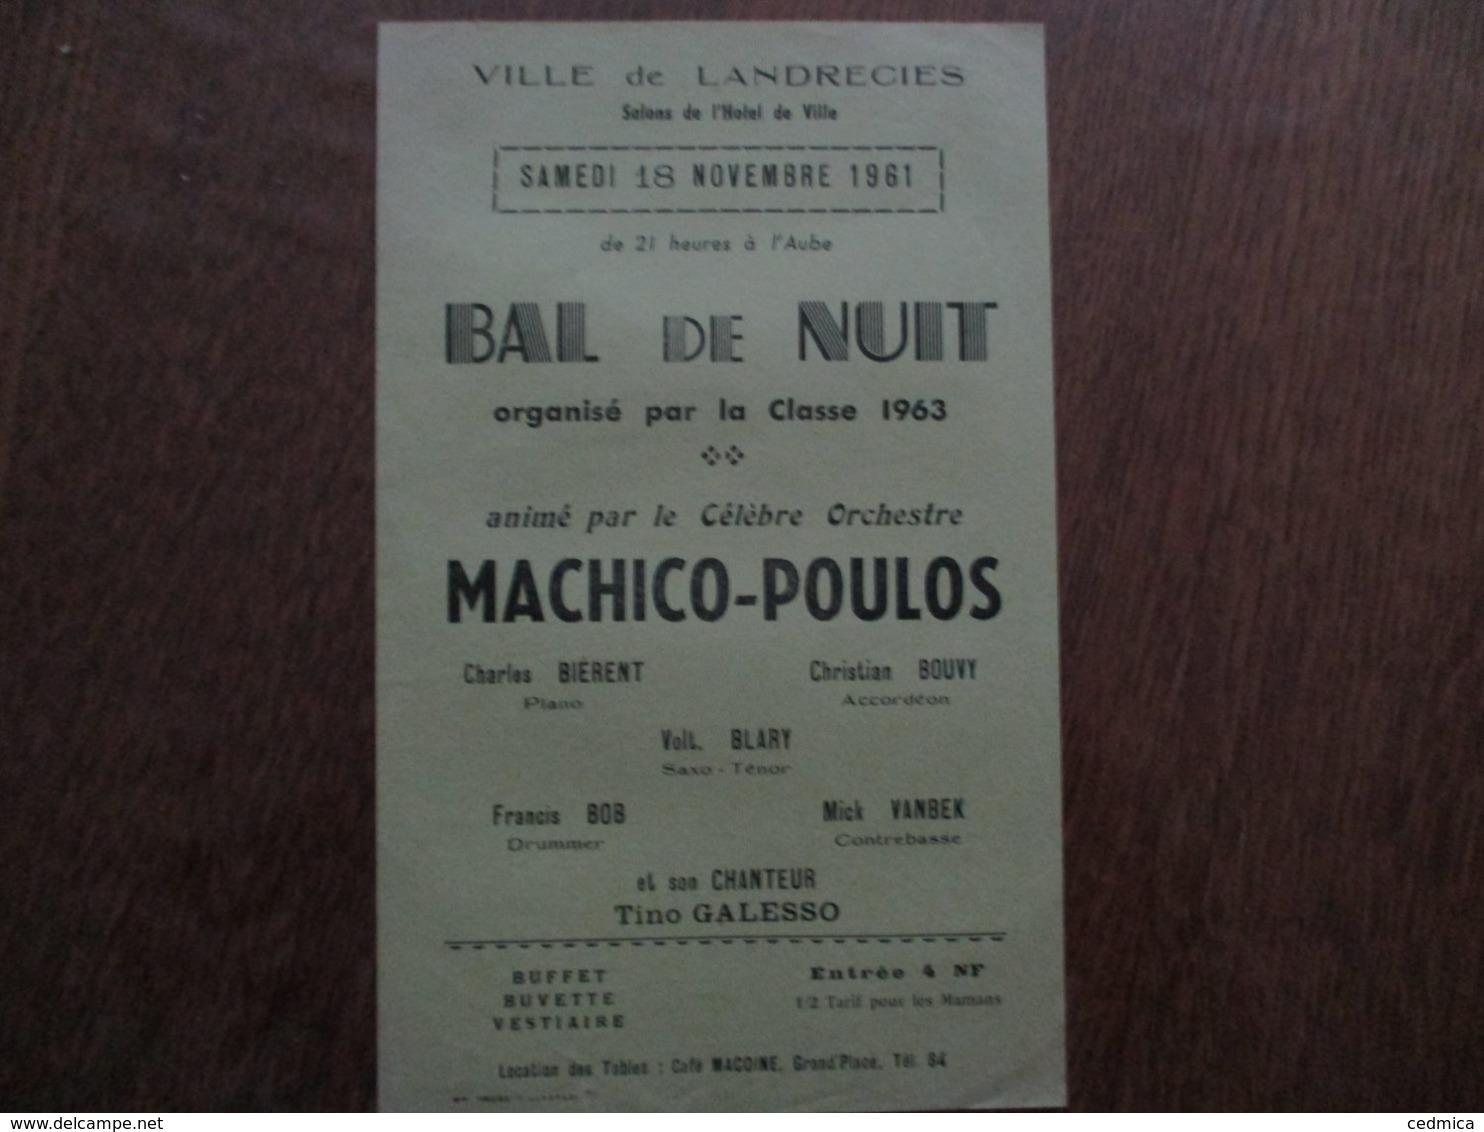 LANDRECIES 18 NOVEMBRE 1961 BAL DE NUIT ORGANISE PAR LA CLASSE 1963 ANIME PAR LE CELEBRE ORCHESTRE MACHICO-POULOS - Programmes